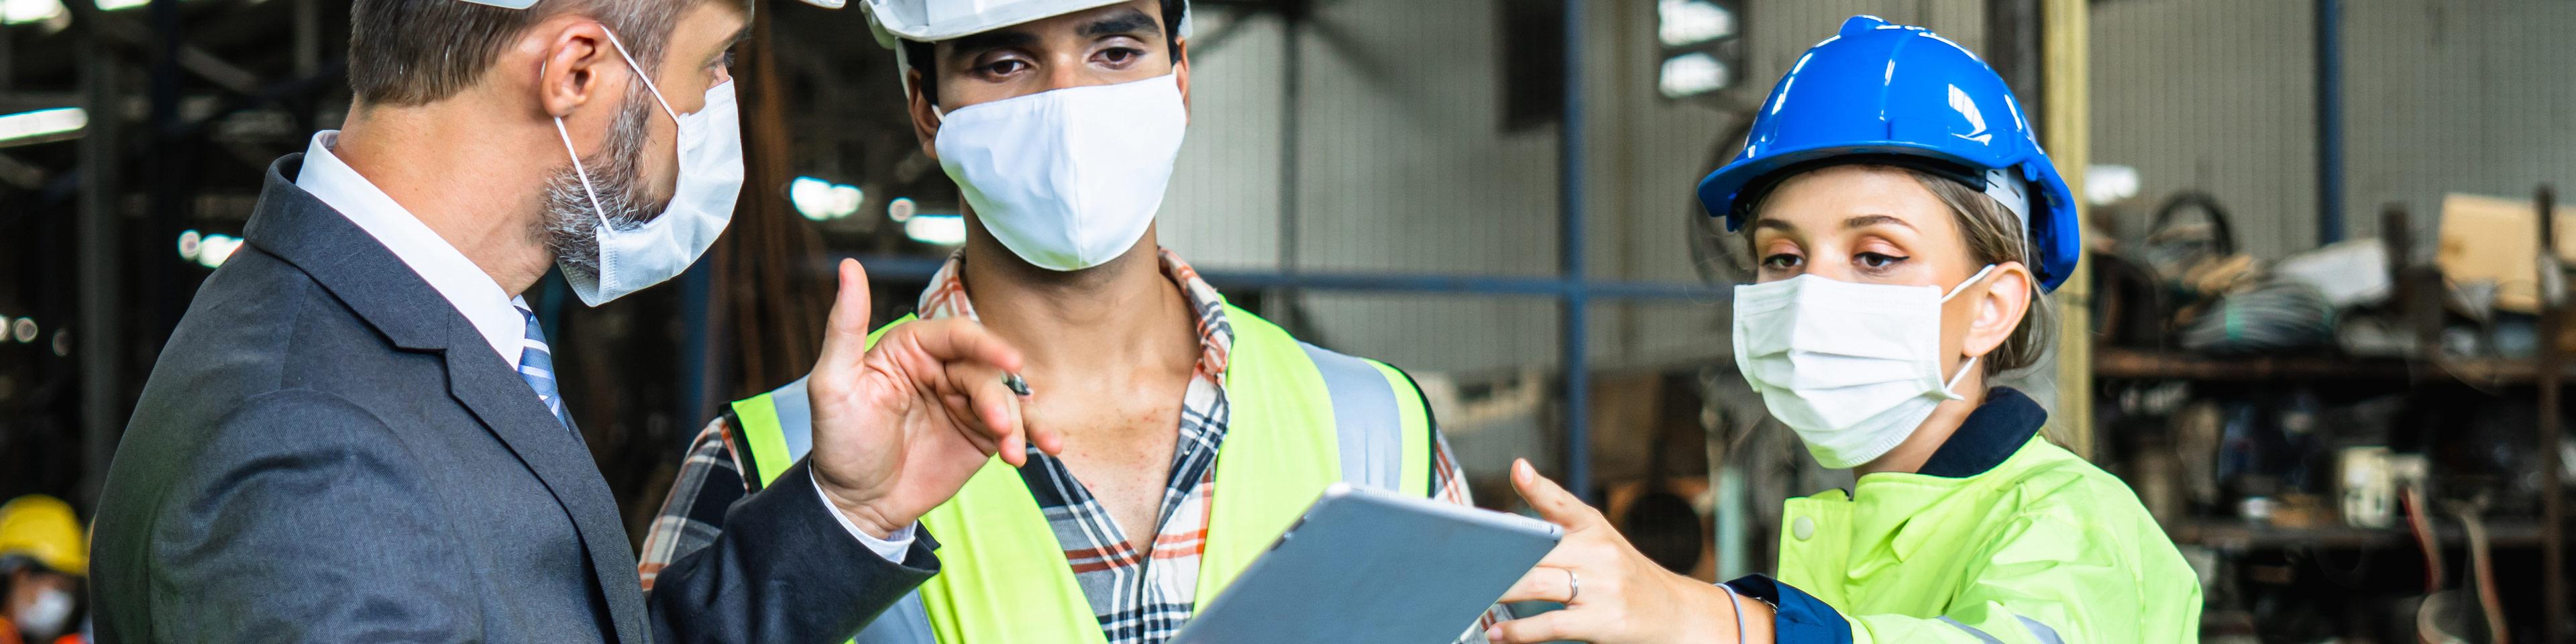 Bilfinger Industrial Workers